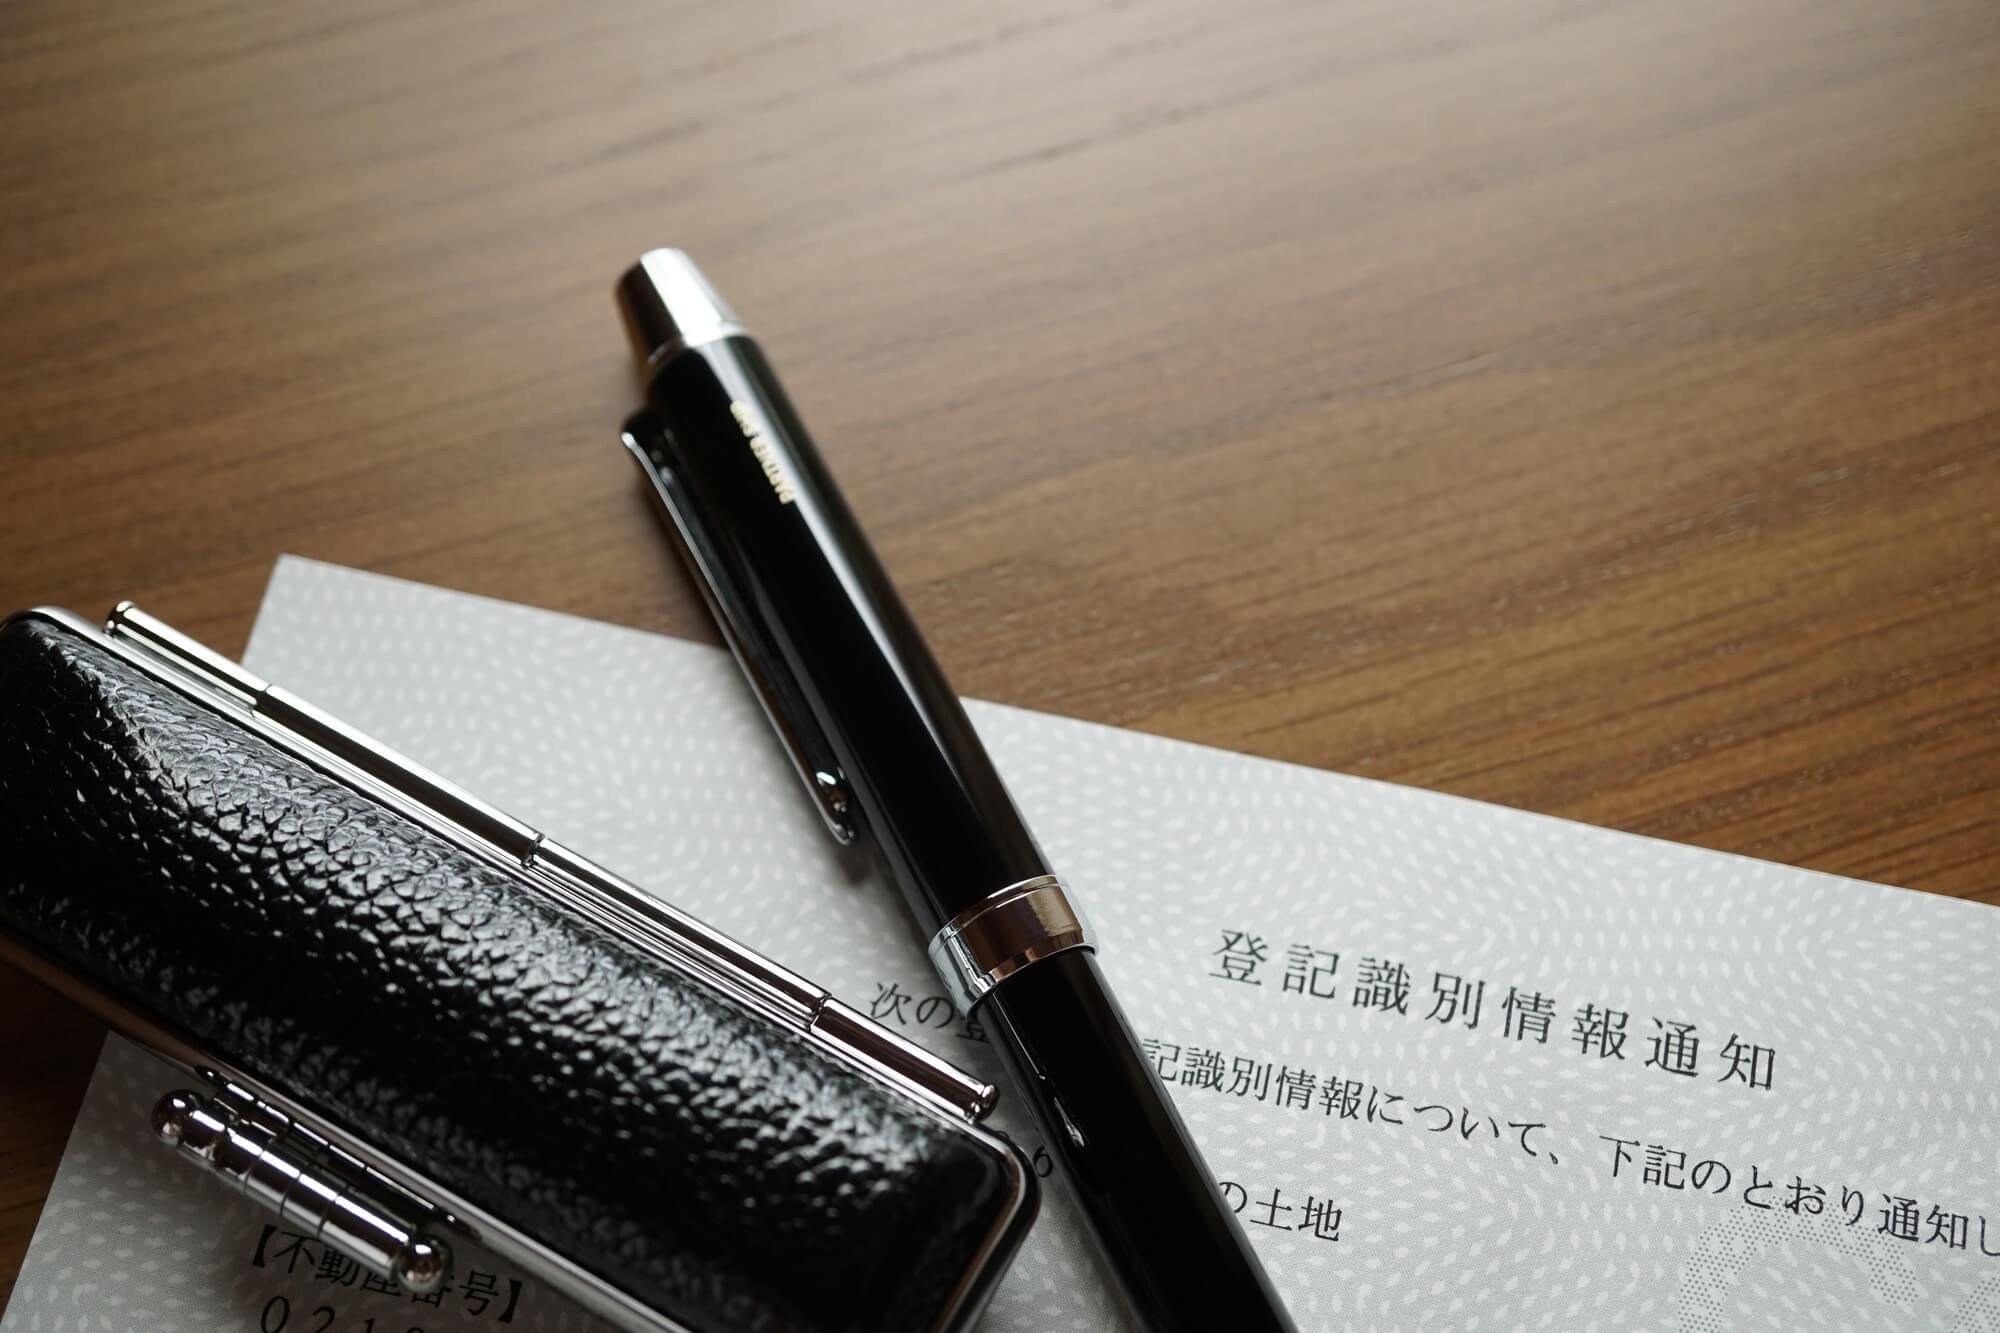 【借地権の登記のメリットを知る-覚えておきたい諸手続きや費用のこと】